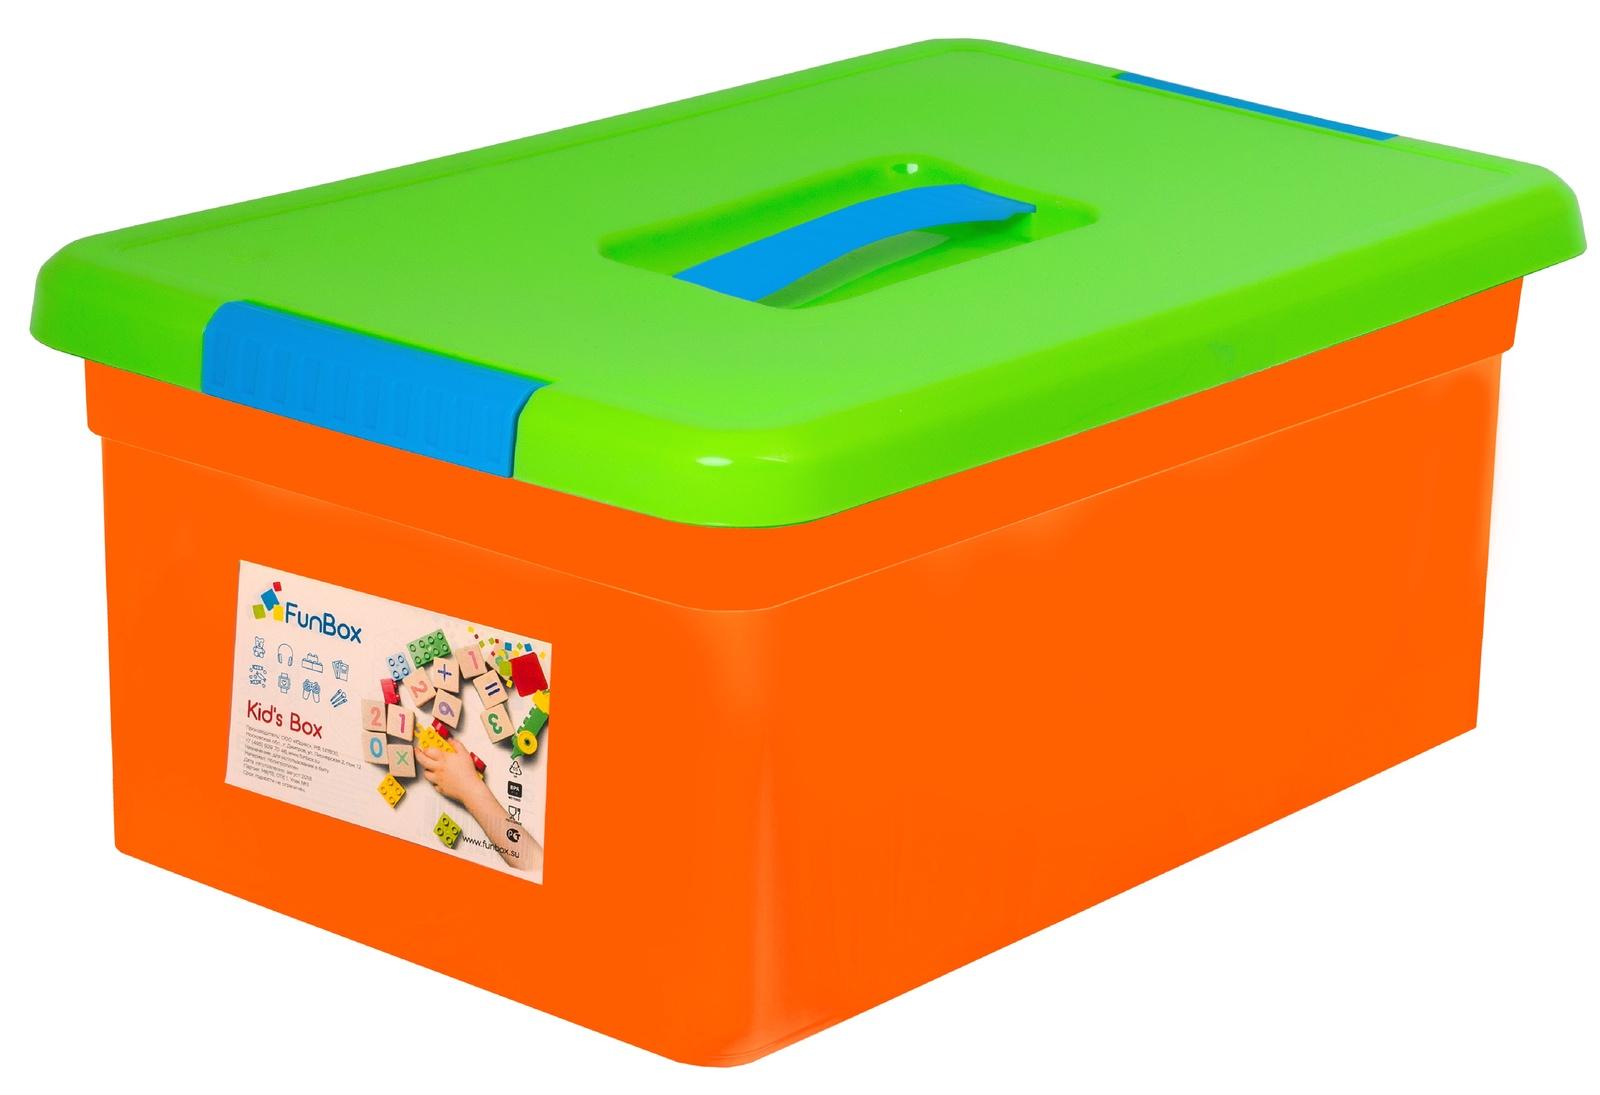 Ящик для игрушек FunBox KID'S BOX 10 литров, оранжевый, светло-зеленый, синий цена 2017